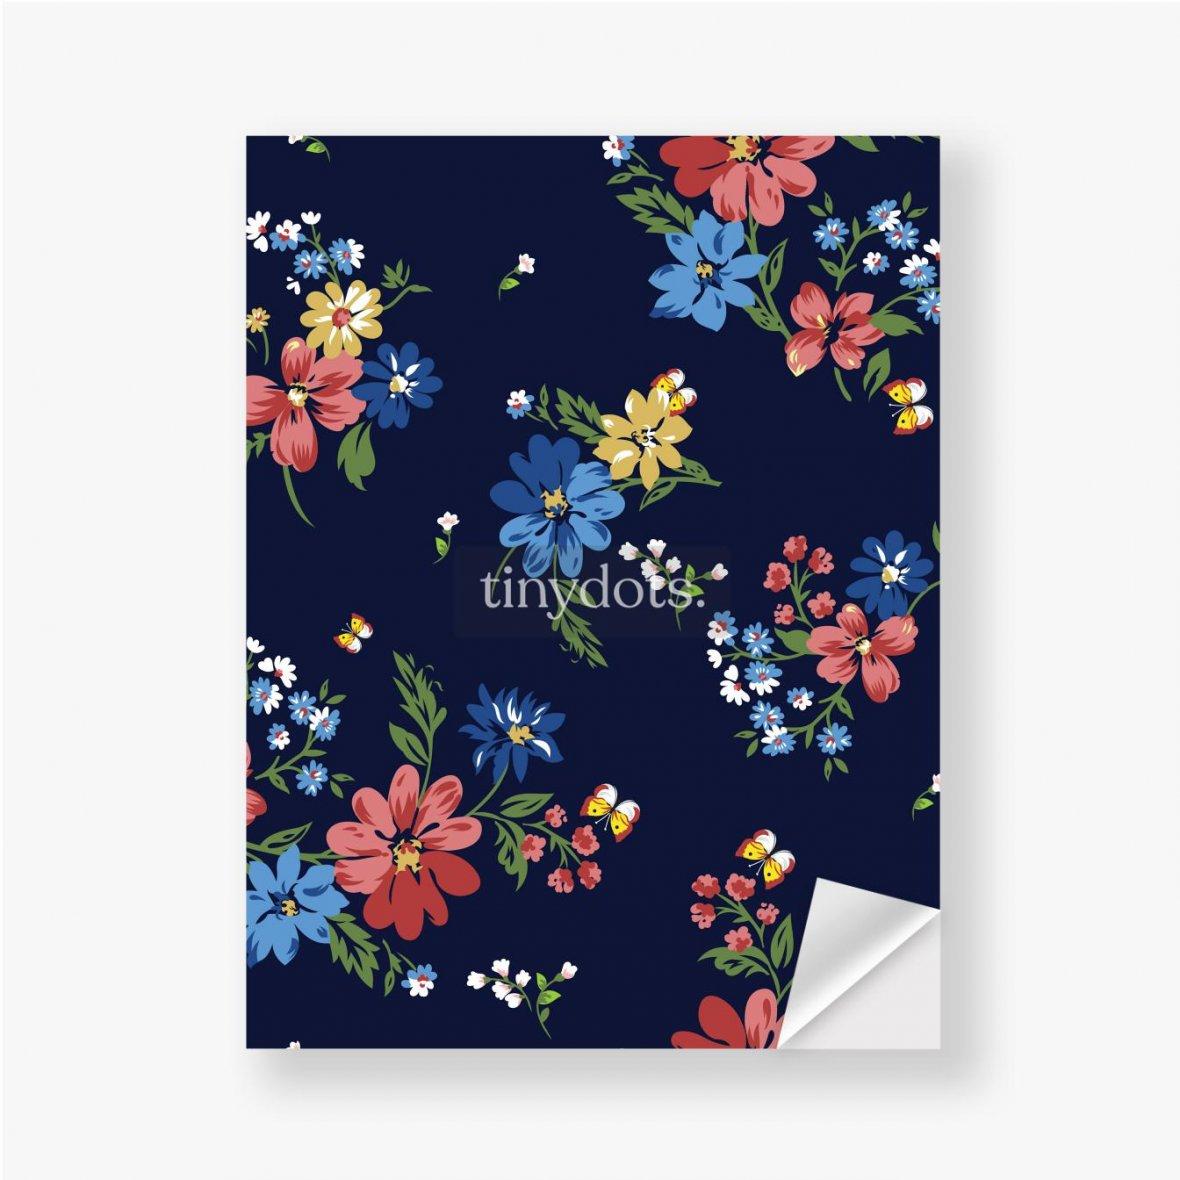 Aufkleber Buntes Blumenmuster auf einem dunkelblauen Hintergrund